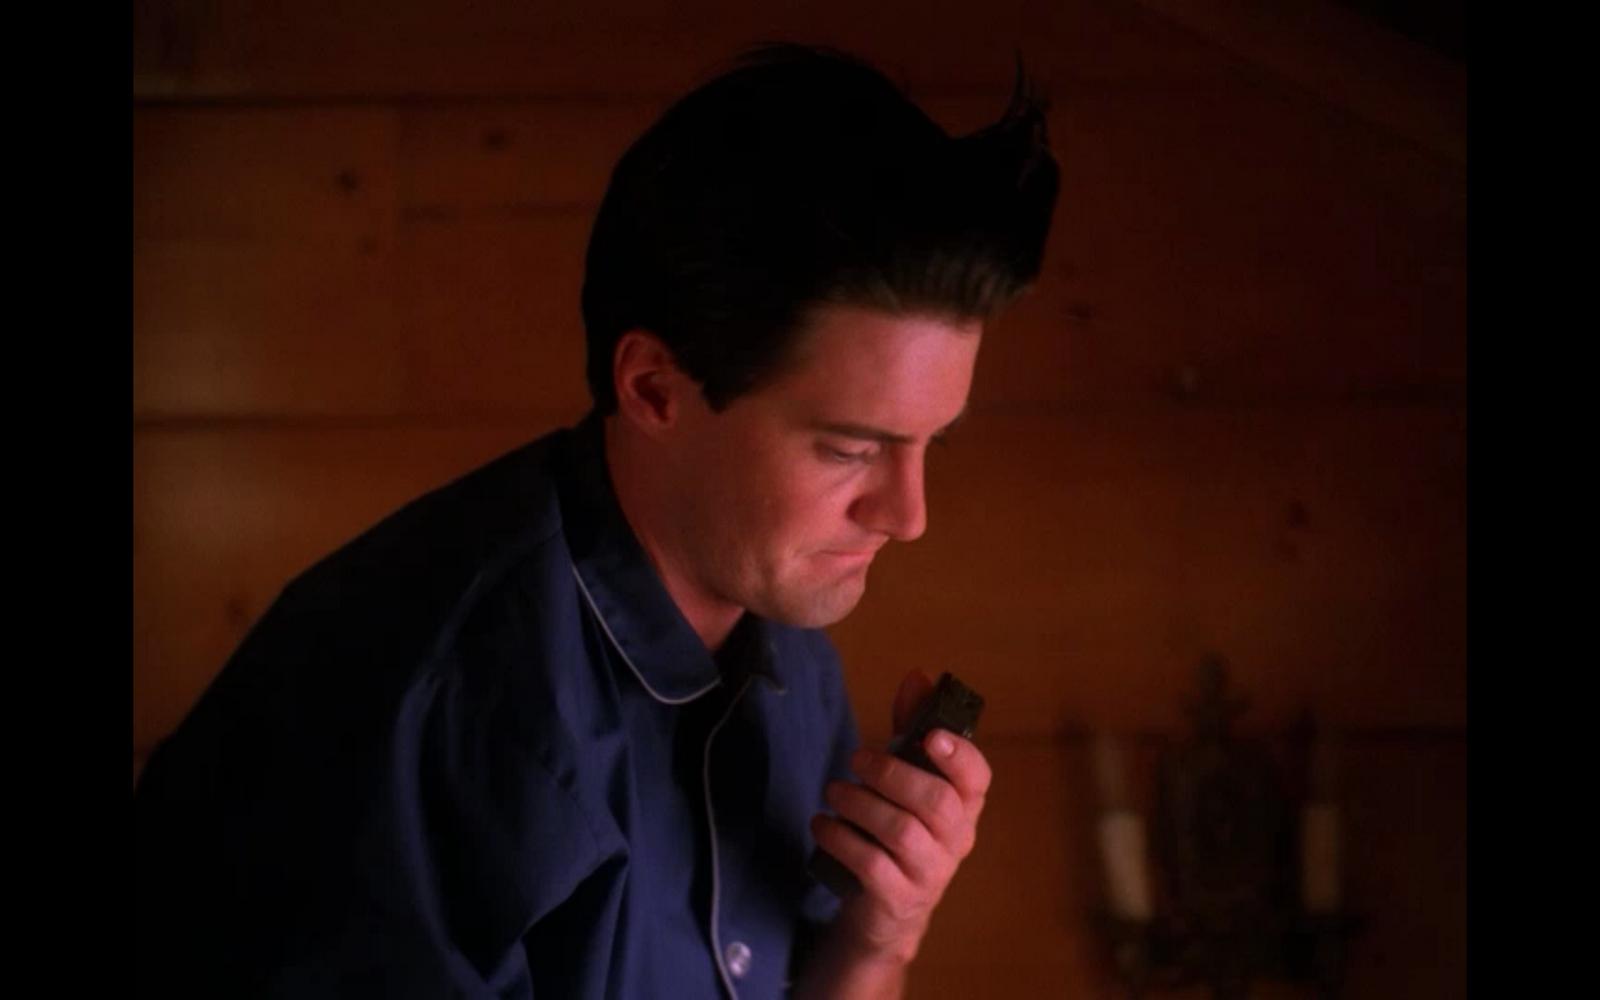 PÚBLICO - Café da manhã: Kyle MacLachlan partilhou a sua <i>playlist Twin Peaks</i>